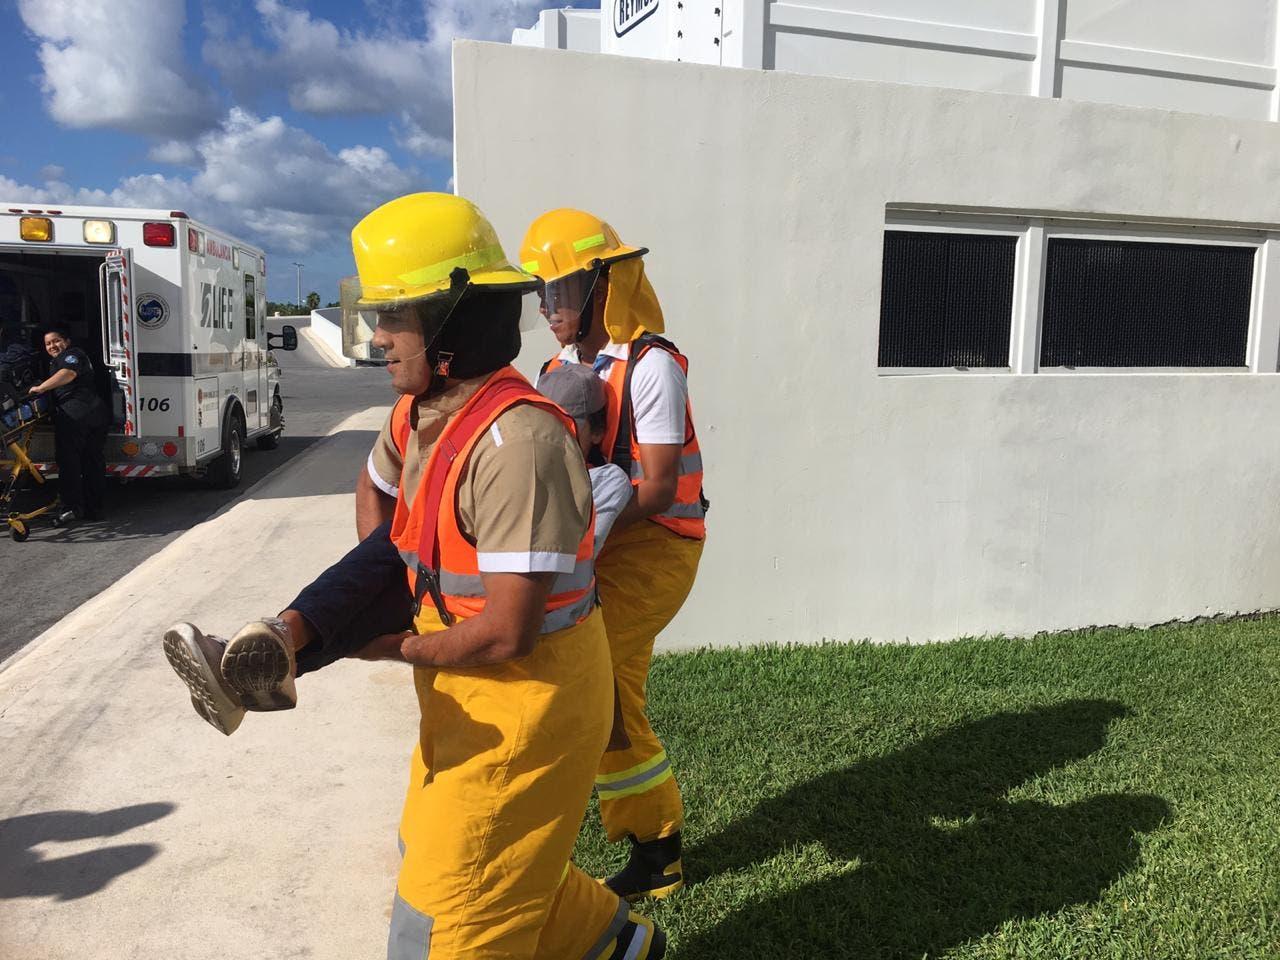 Isla Mujeres realiza simulacro de incendio y evacuación.